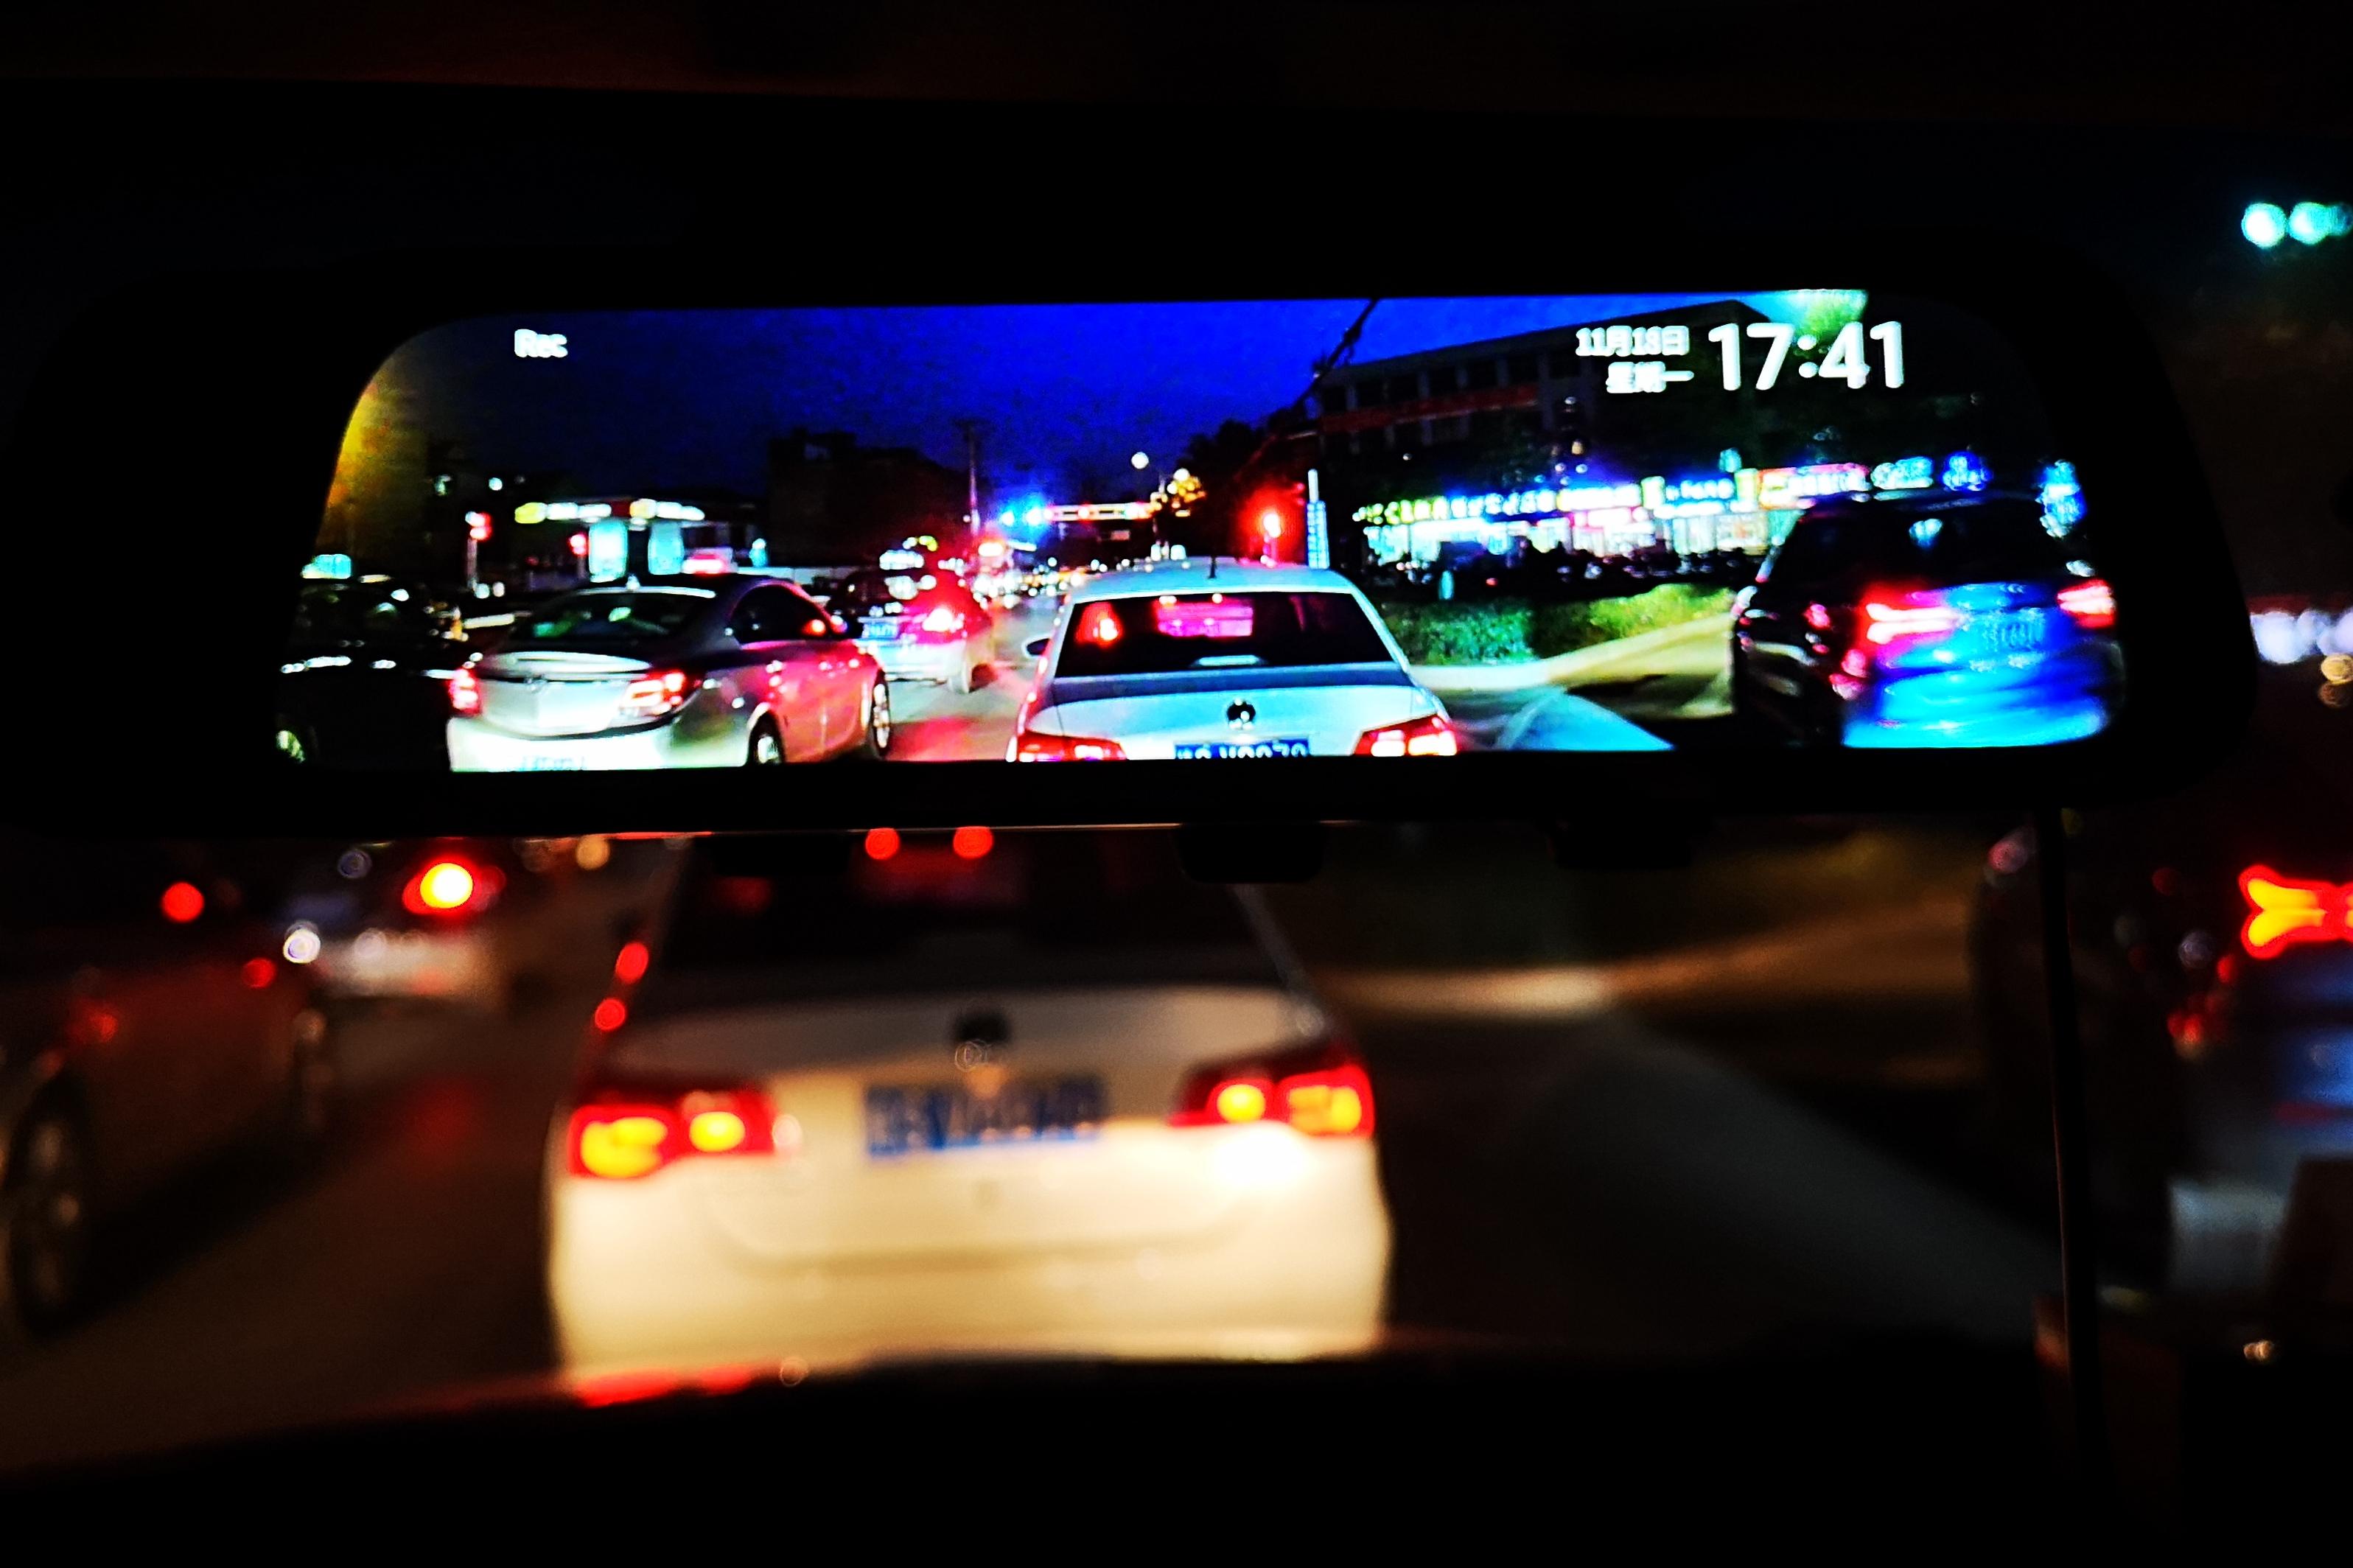 70迈流媒体行车记录仪|车载生活,更好的守护